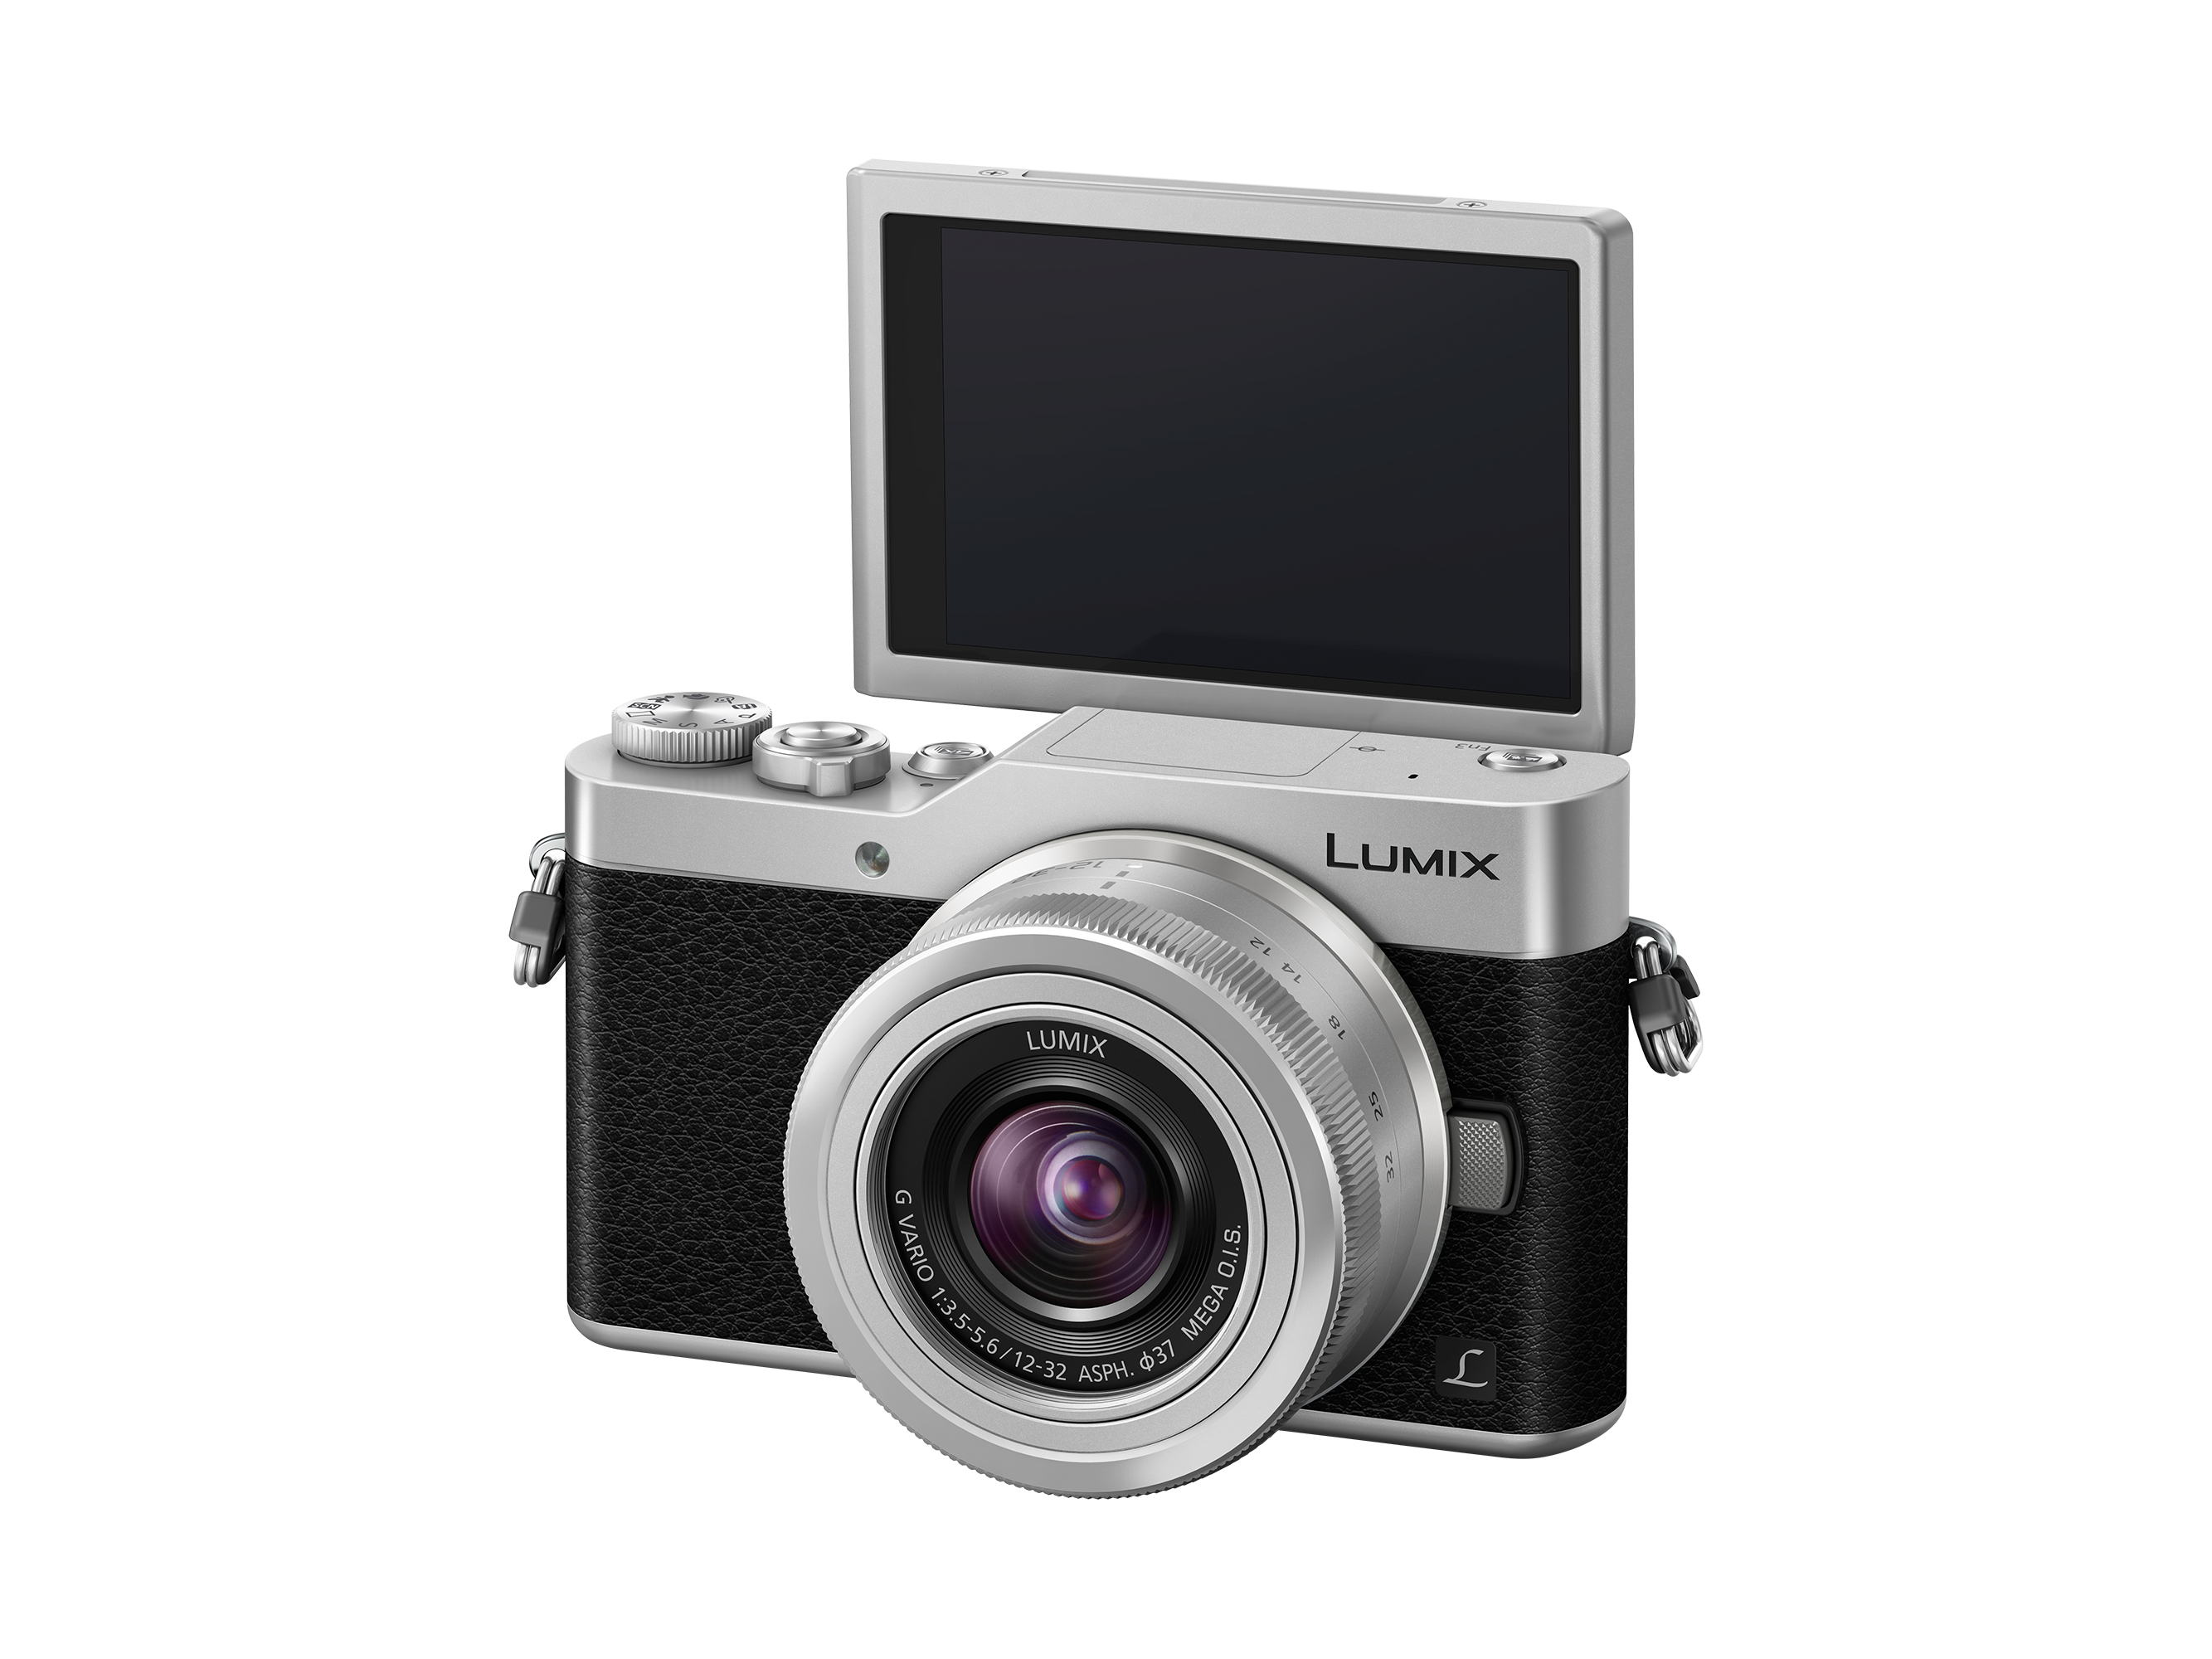 panasonic-lumix-gx800-lcd